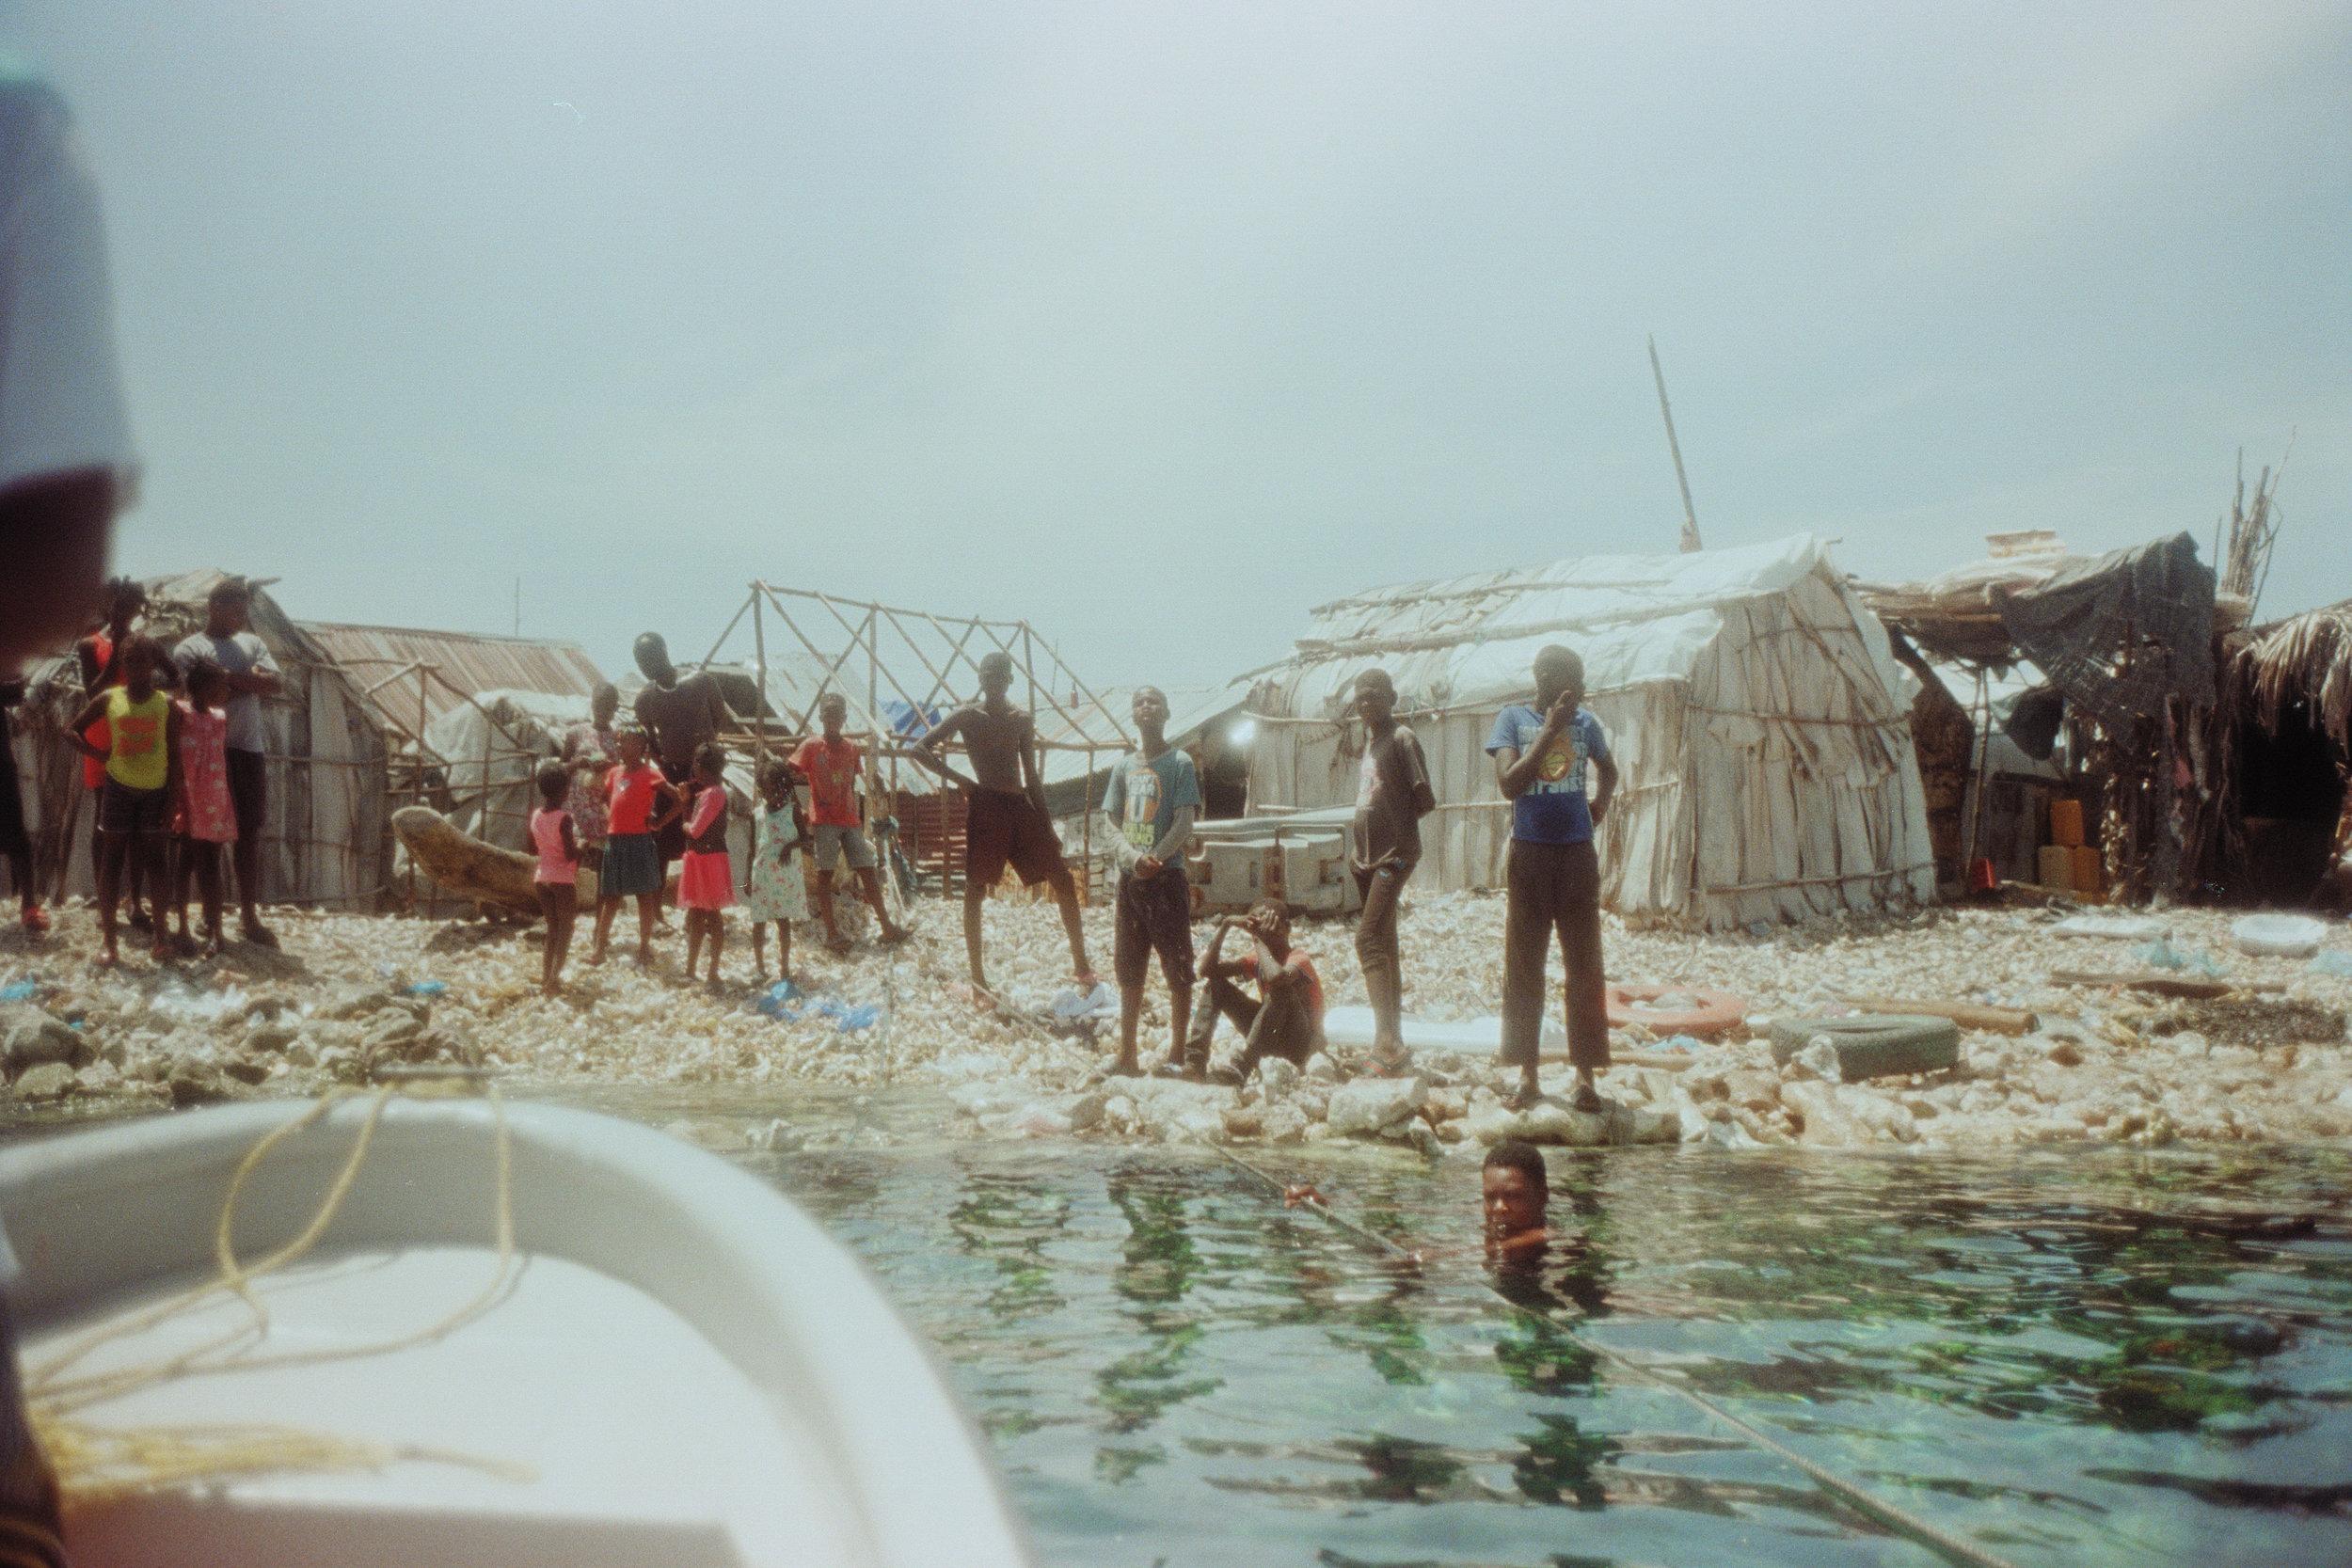 071819_Bahamas and Haiti_selects-39.jpg